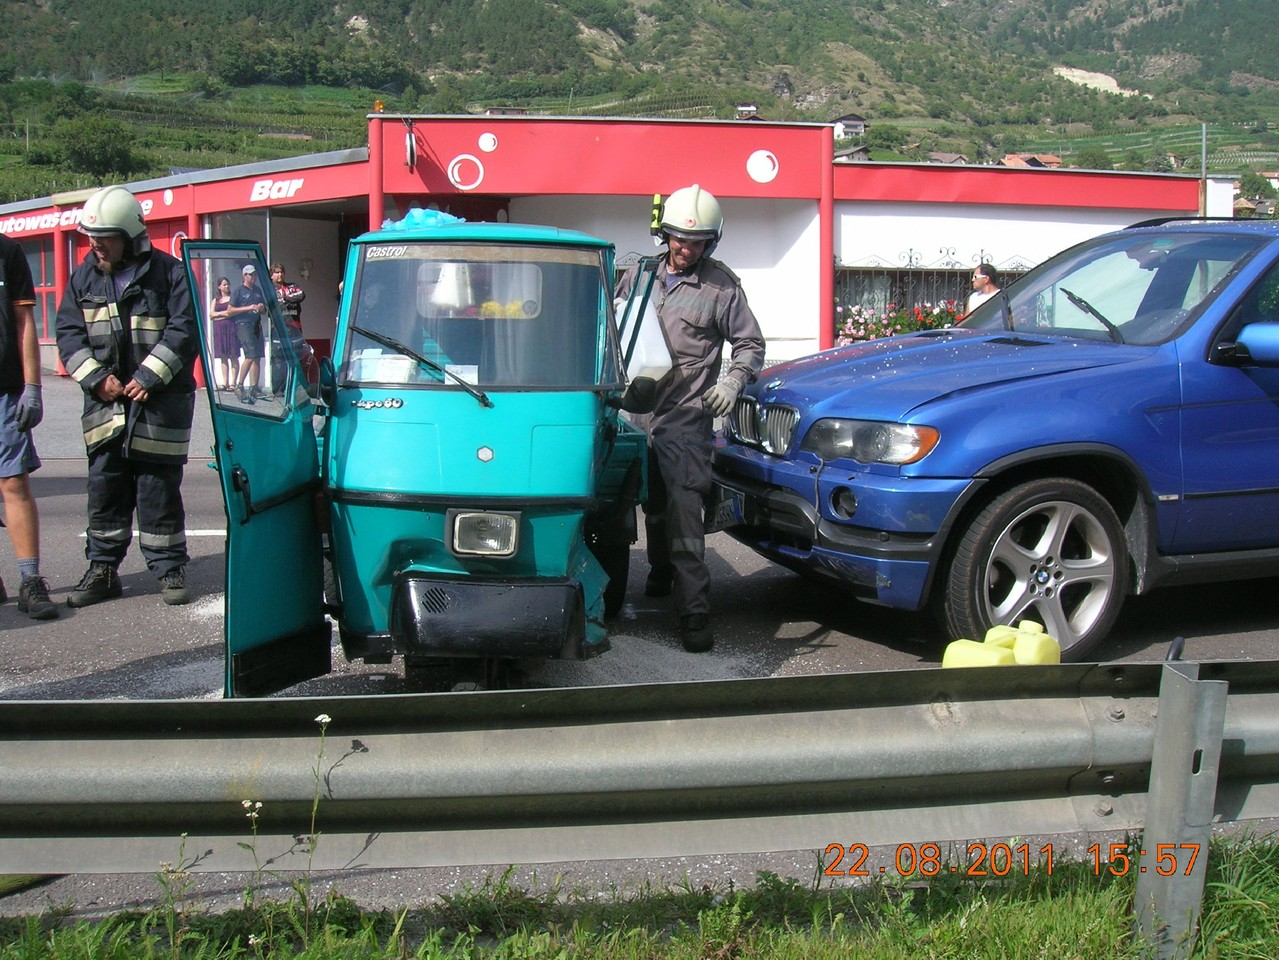 Schwerer Unfall mit Dreirad Service Station